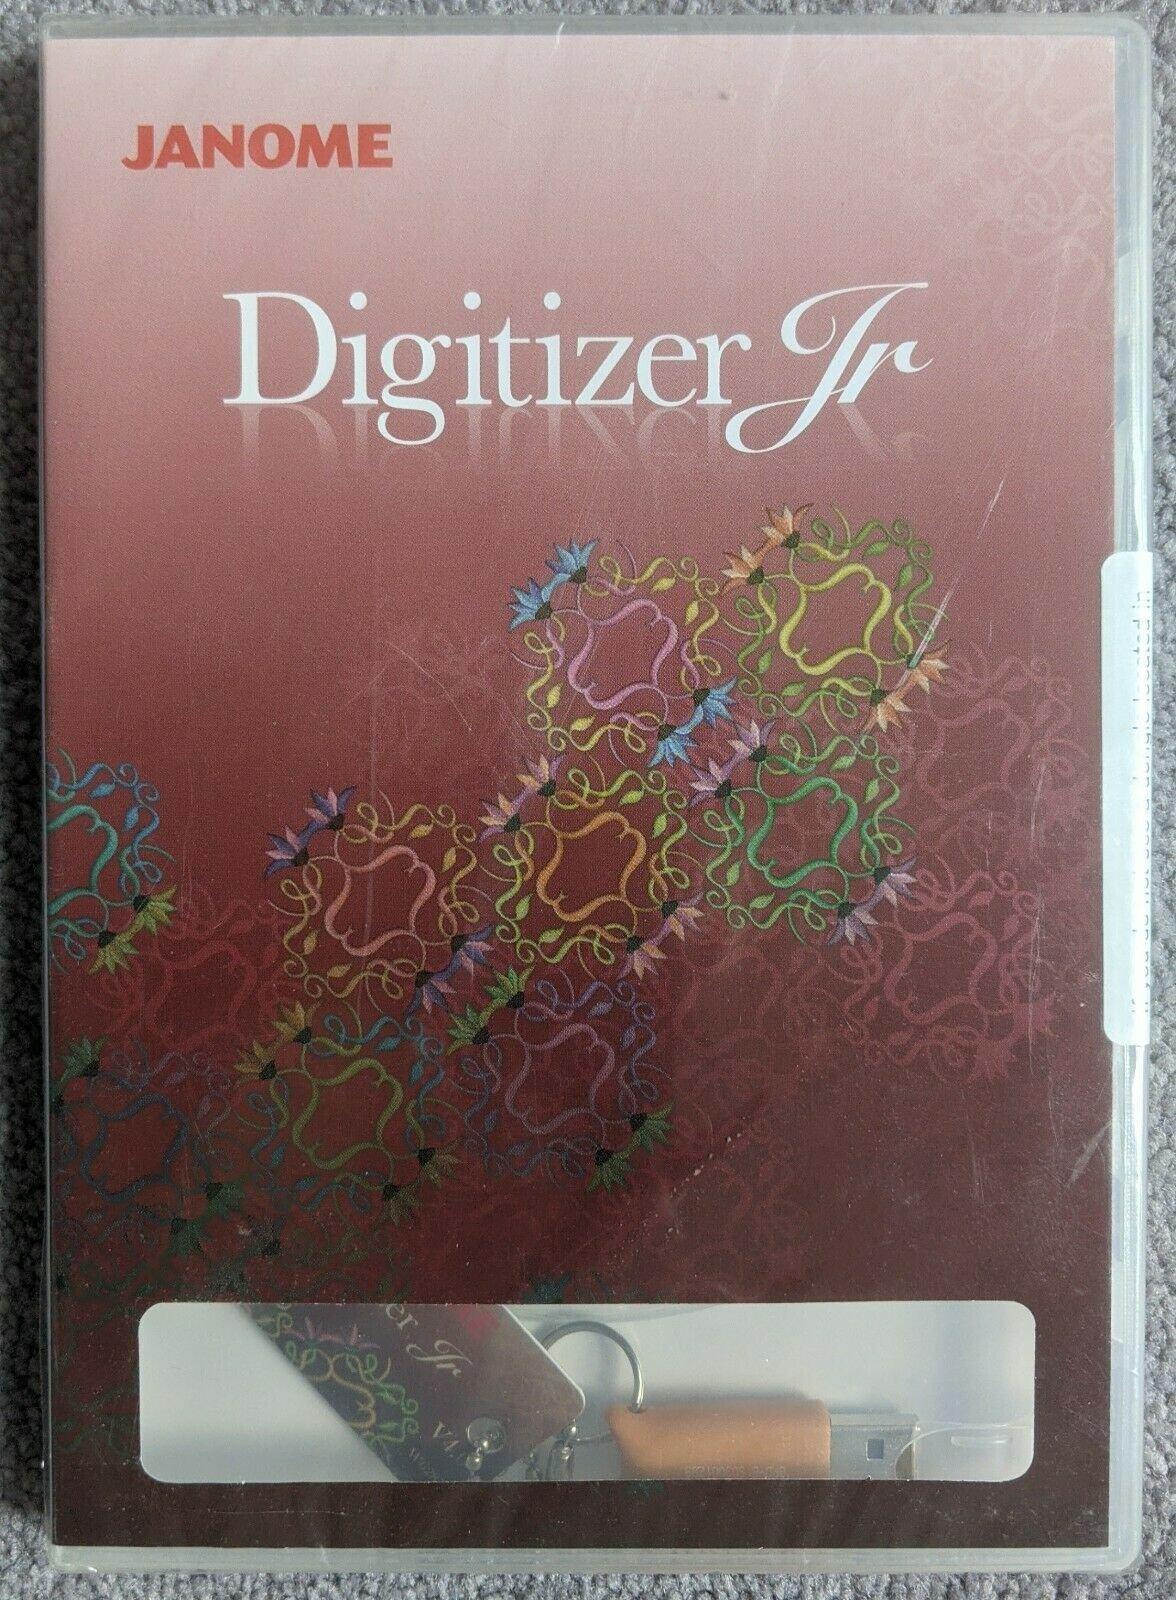 Janome Digitizer Jr. V3.0